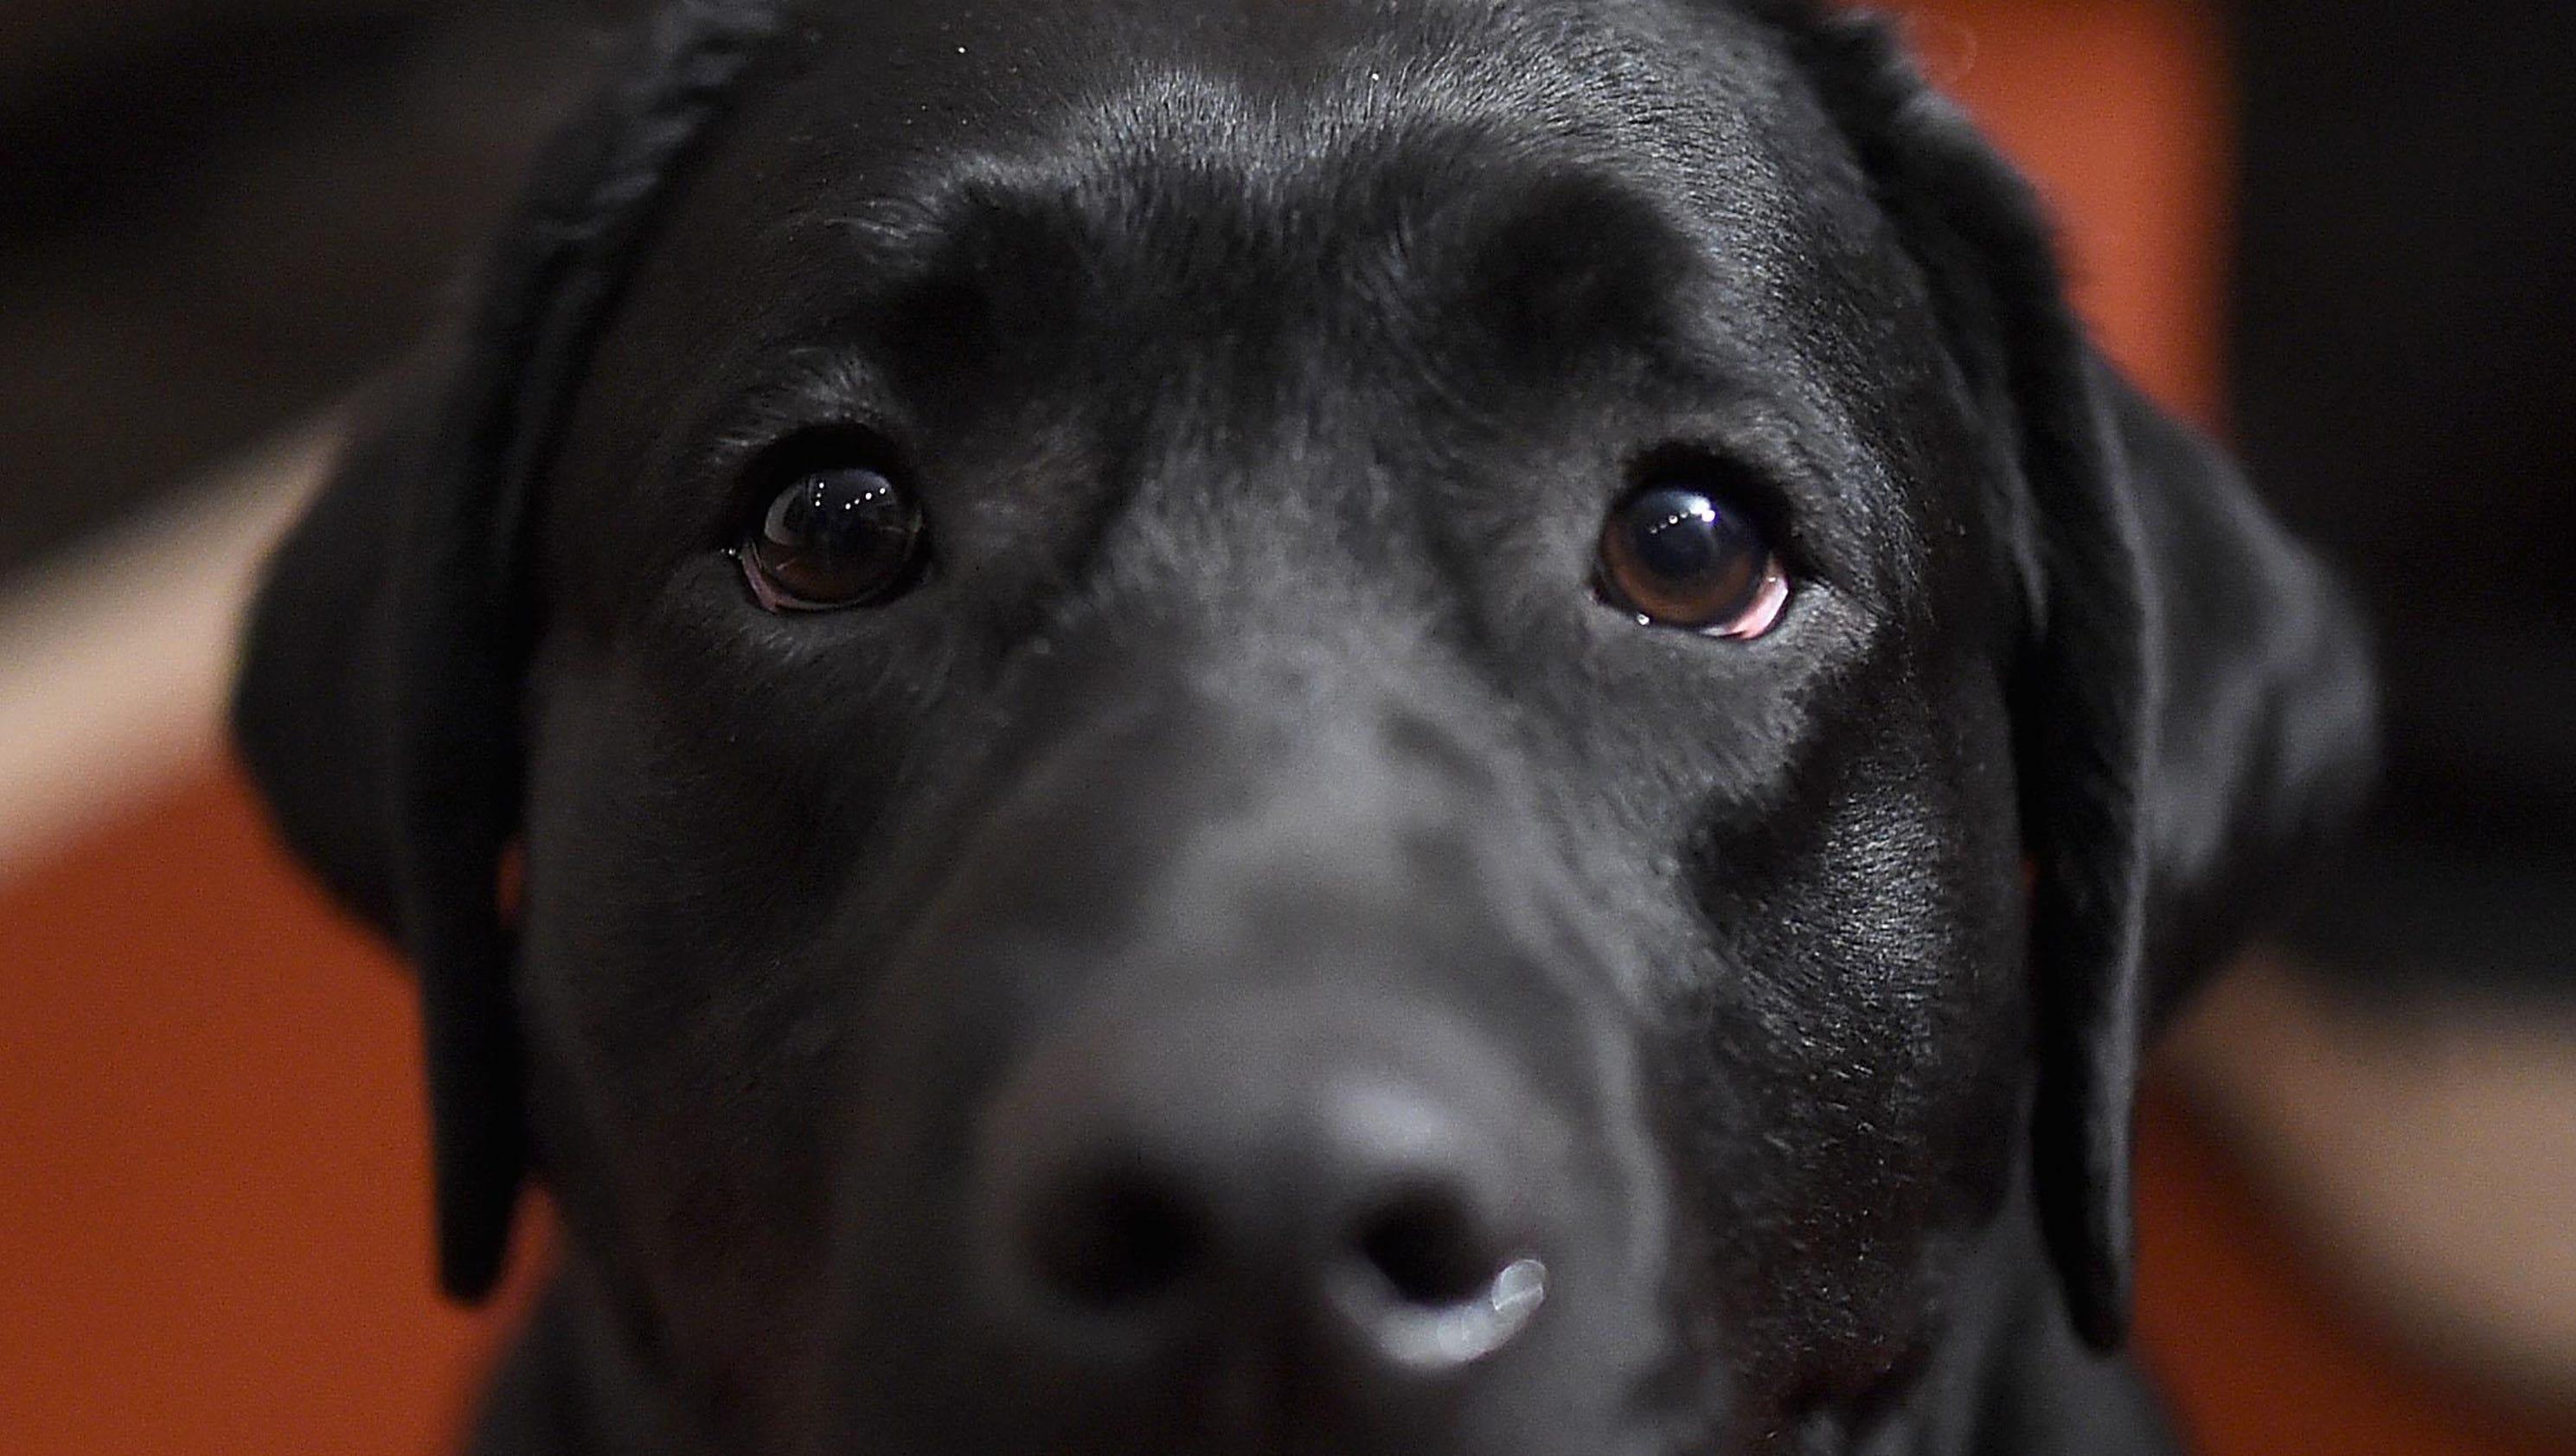 AKC top 10 dog breeds